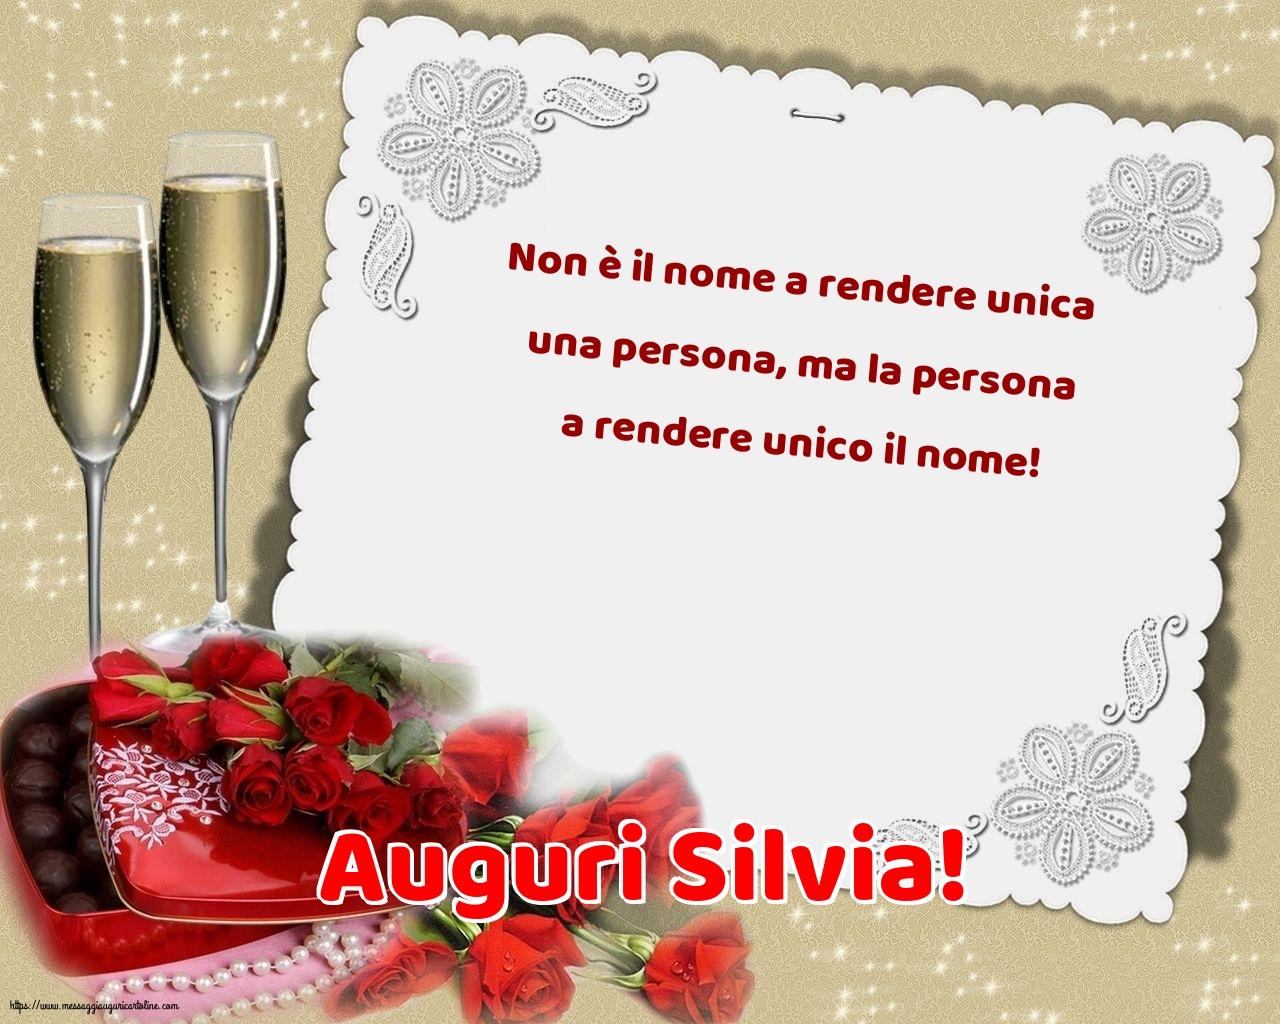 Santa Silvia: quando si festeggia l'onomastico? Significato del nome, frasi e immagini da inviare